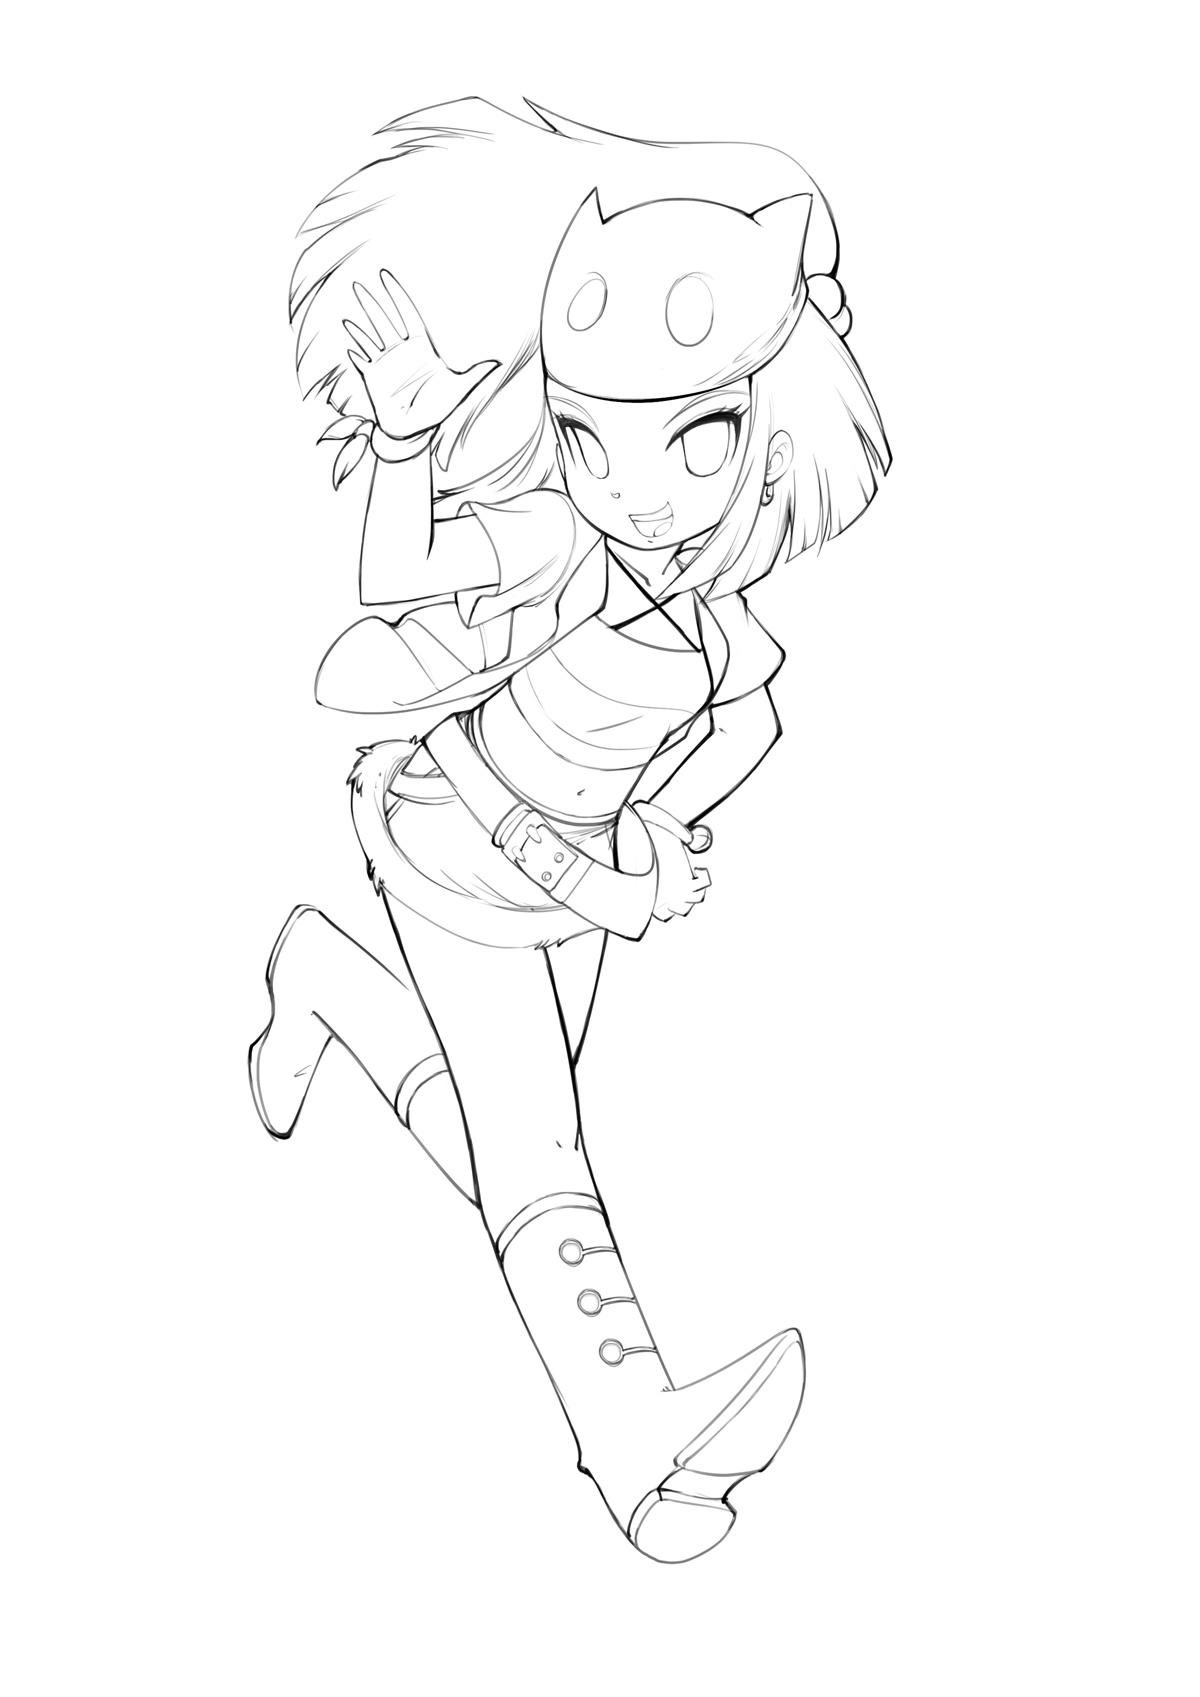 Zerochan Lineart : Bleedman mobile wallpaper  zerochan anime image board